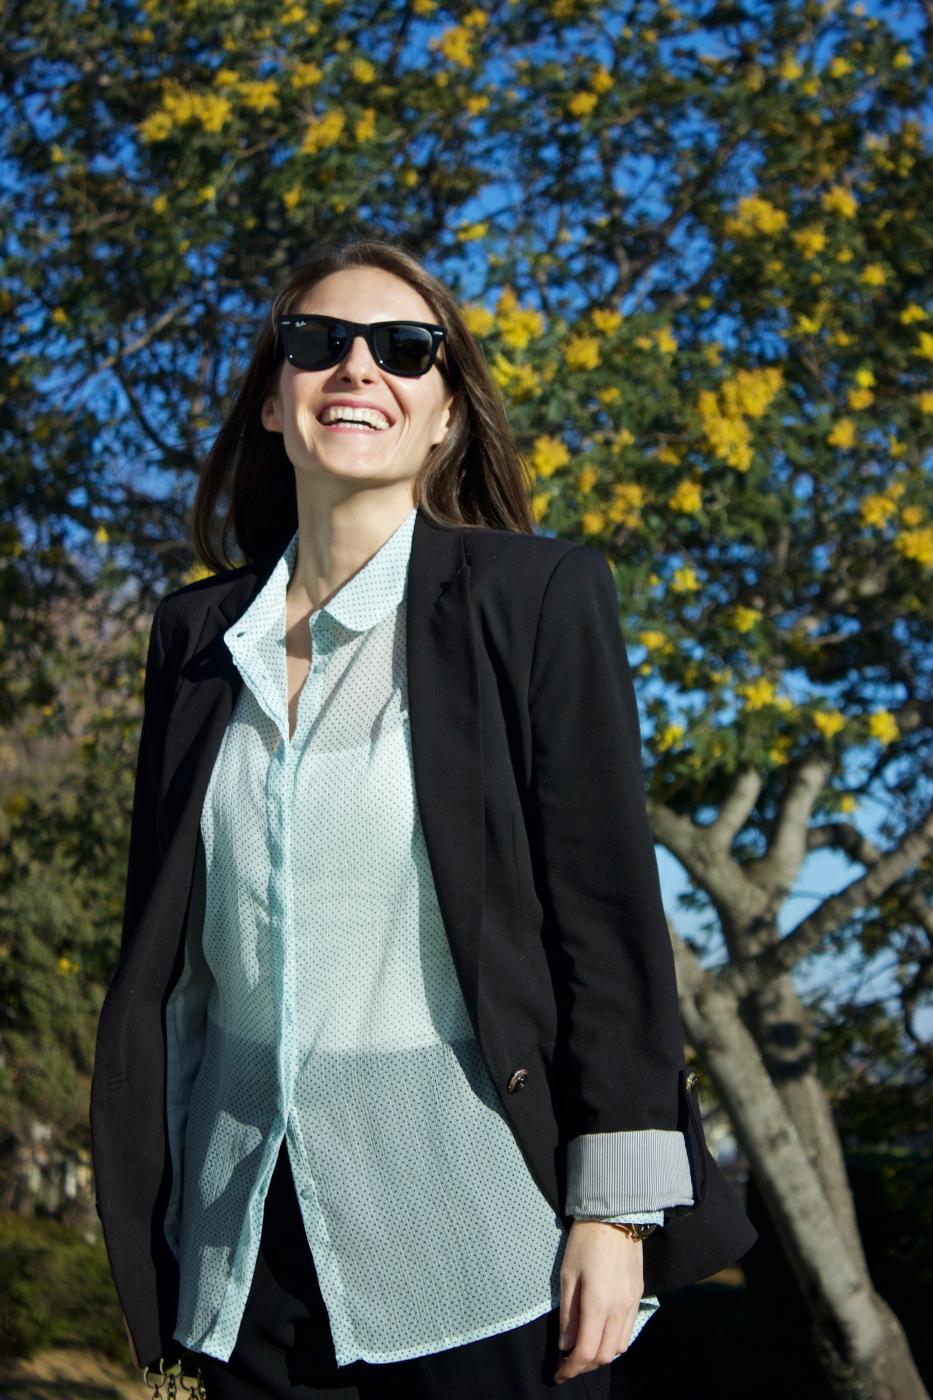 lara-vazquez-madlula-style-streetstyle-look-moda-happy-face-ootd-fashion-blog